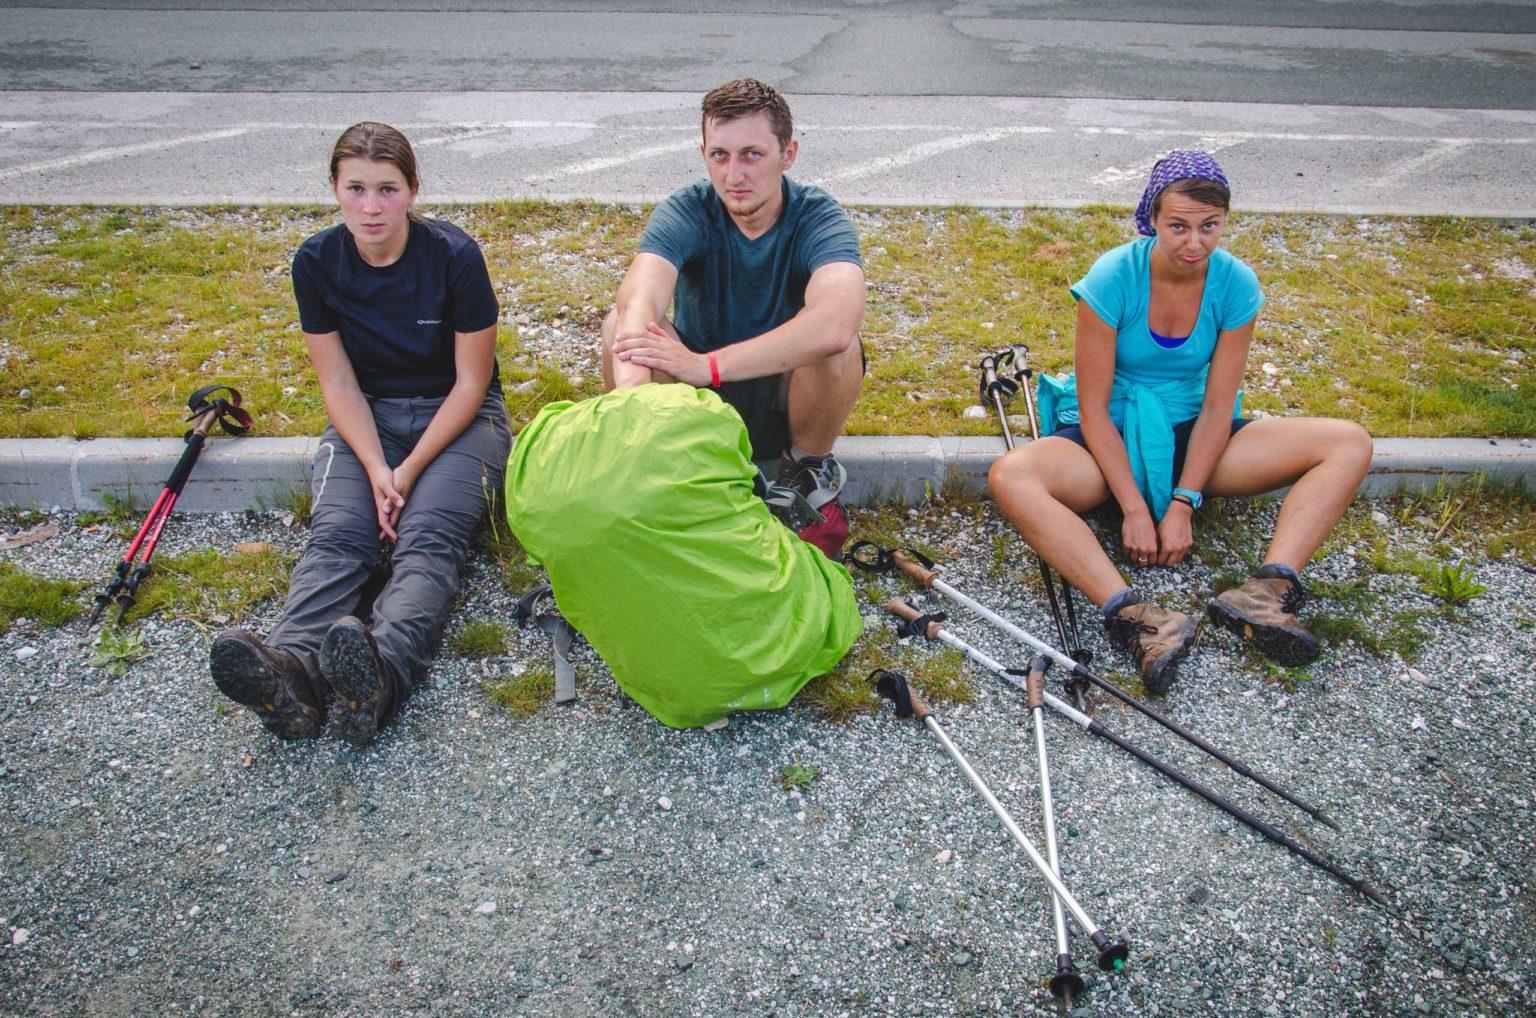 Trzy osoby zmęczone siedzą na krawężniku